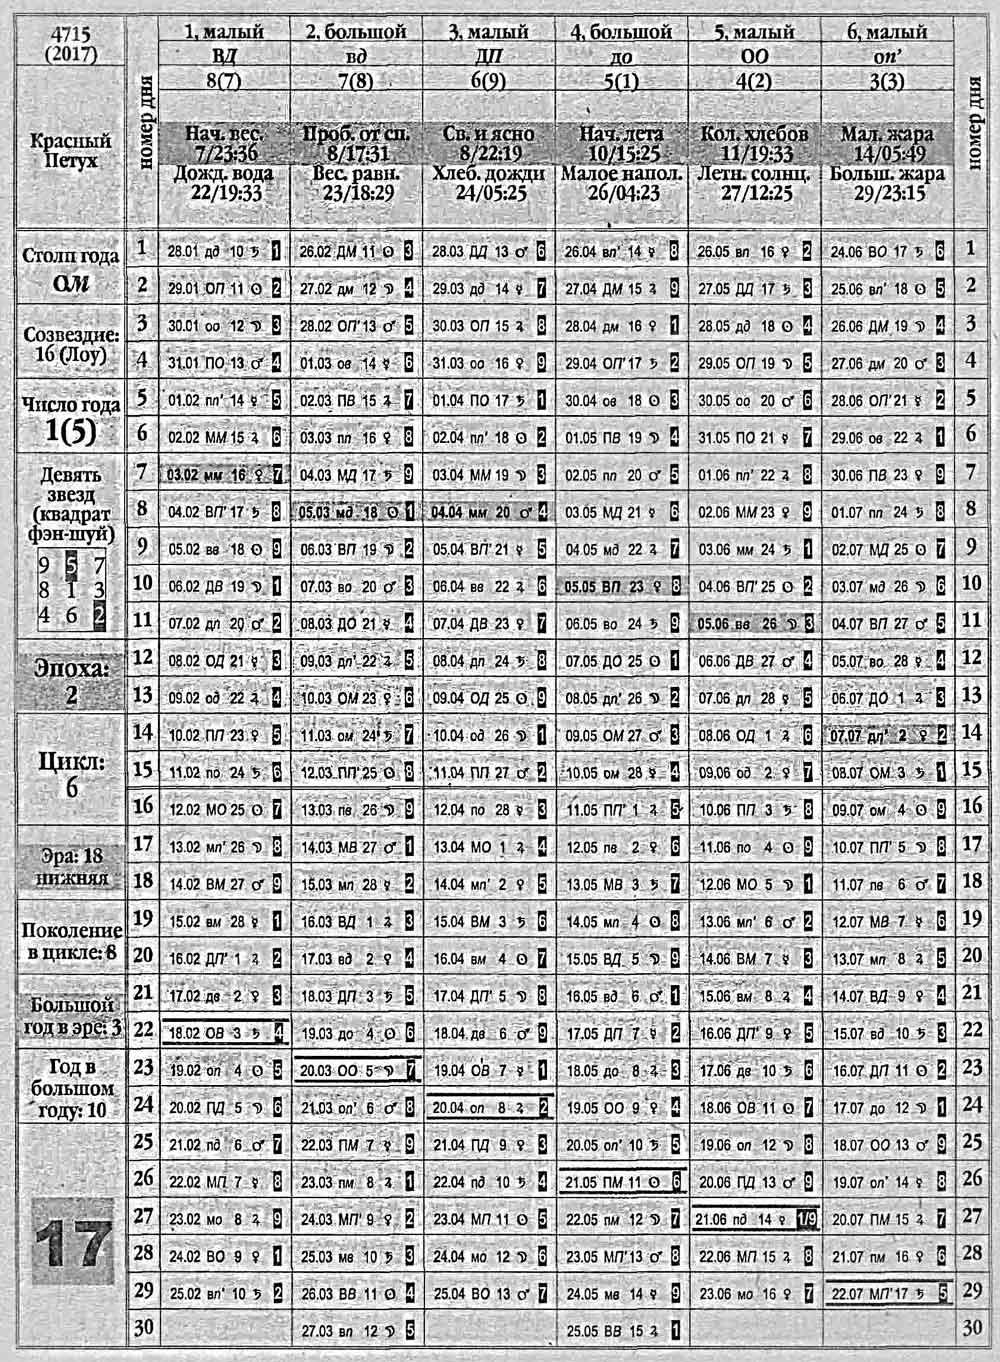 Лунный календарь 2000 года как убрать ржавчину с монеты